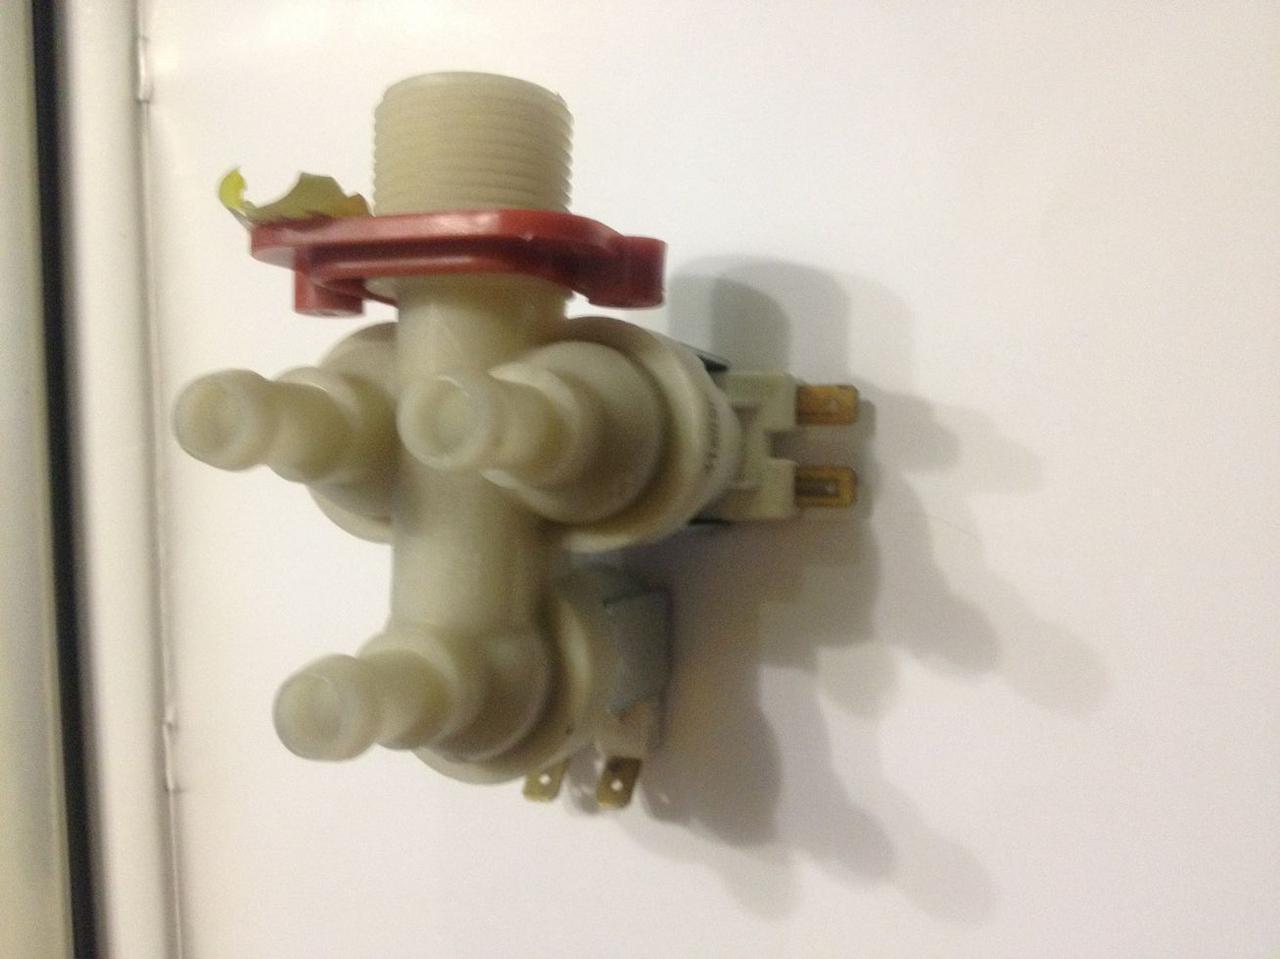 Клапан залива воды для стиральной машины 3х90